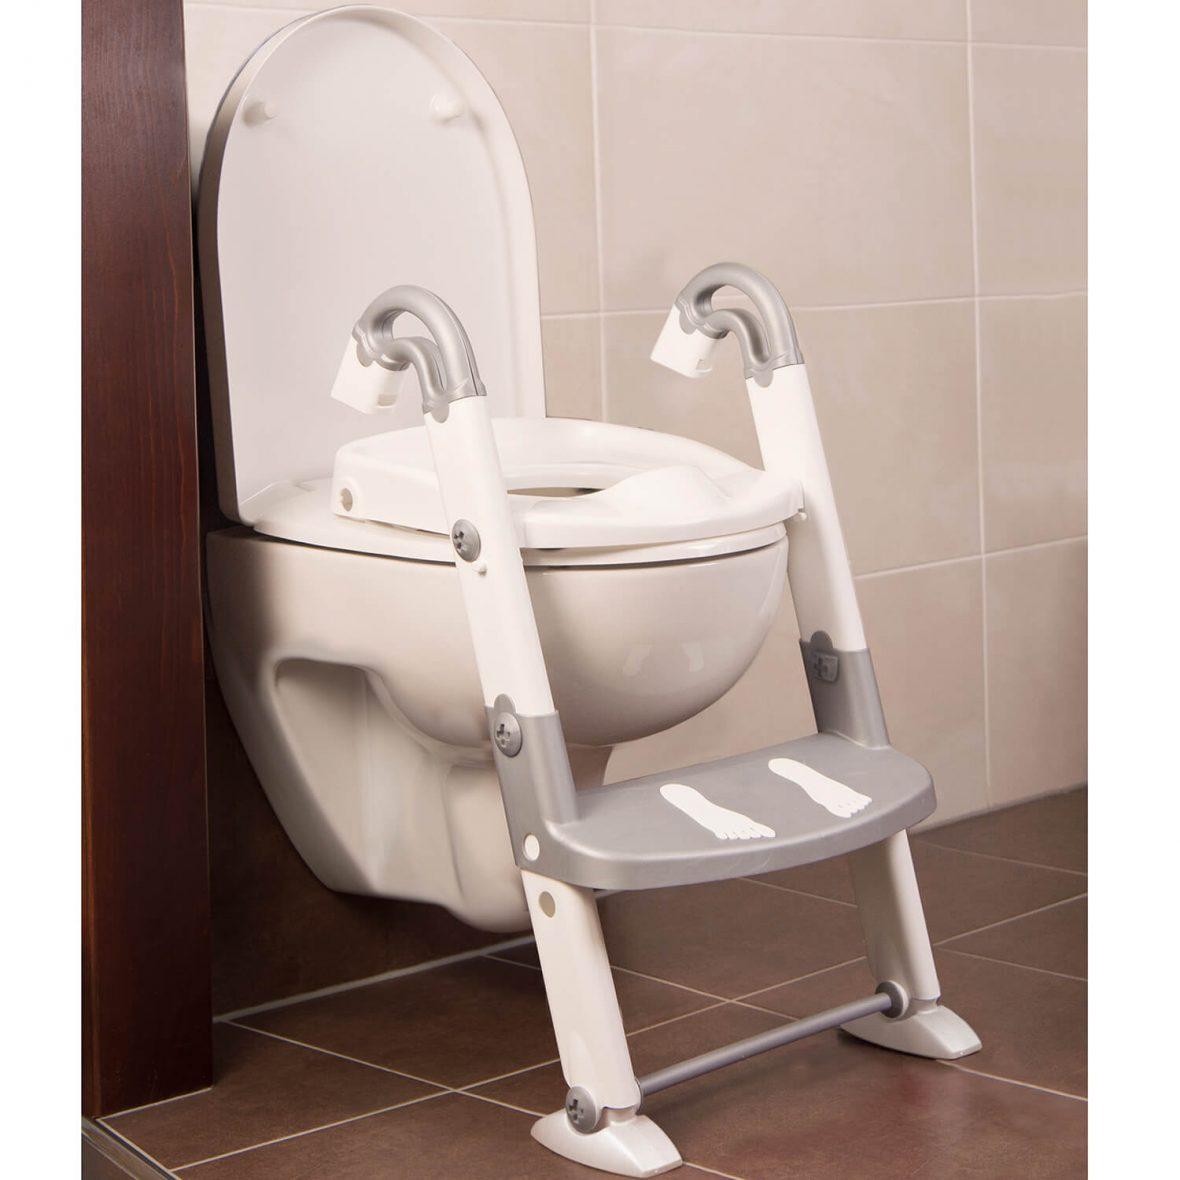 Rotho-Kidskit-3-in-1-Toilet-Trainer